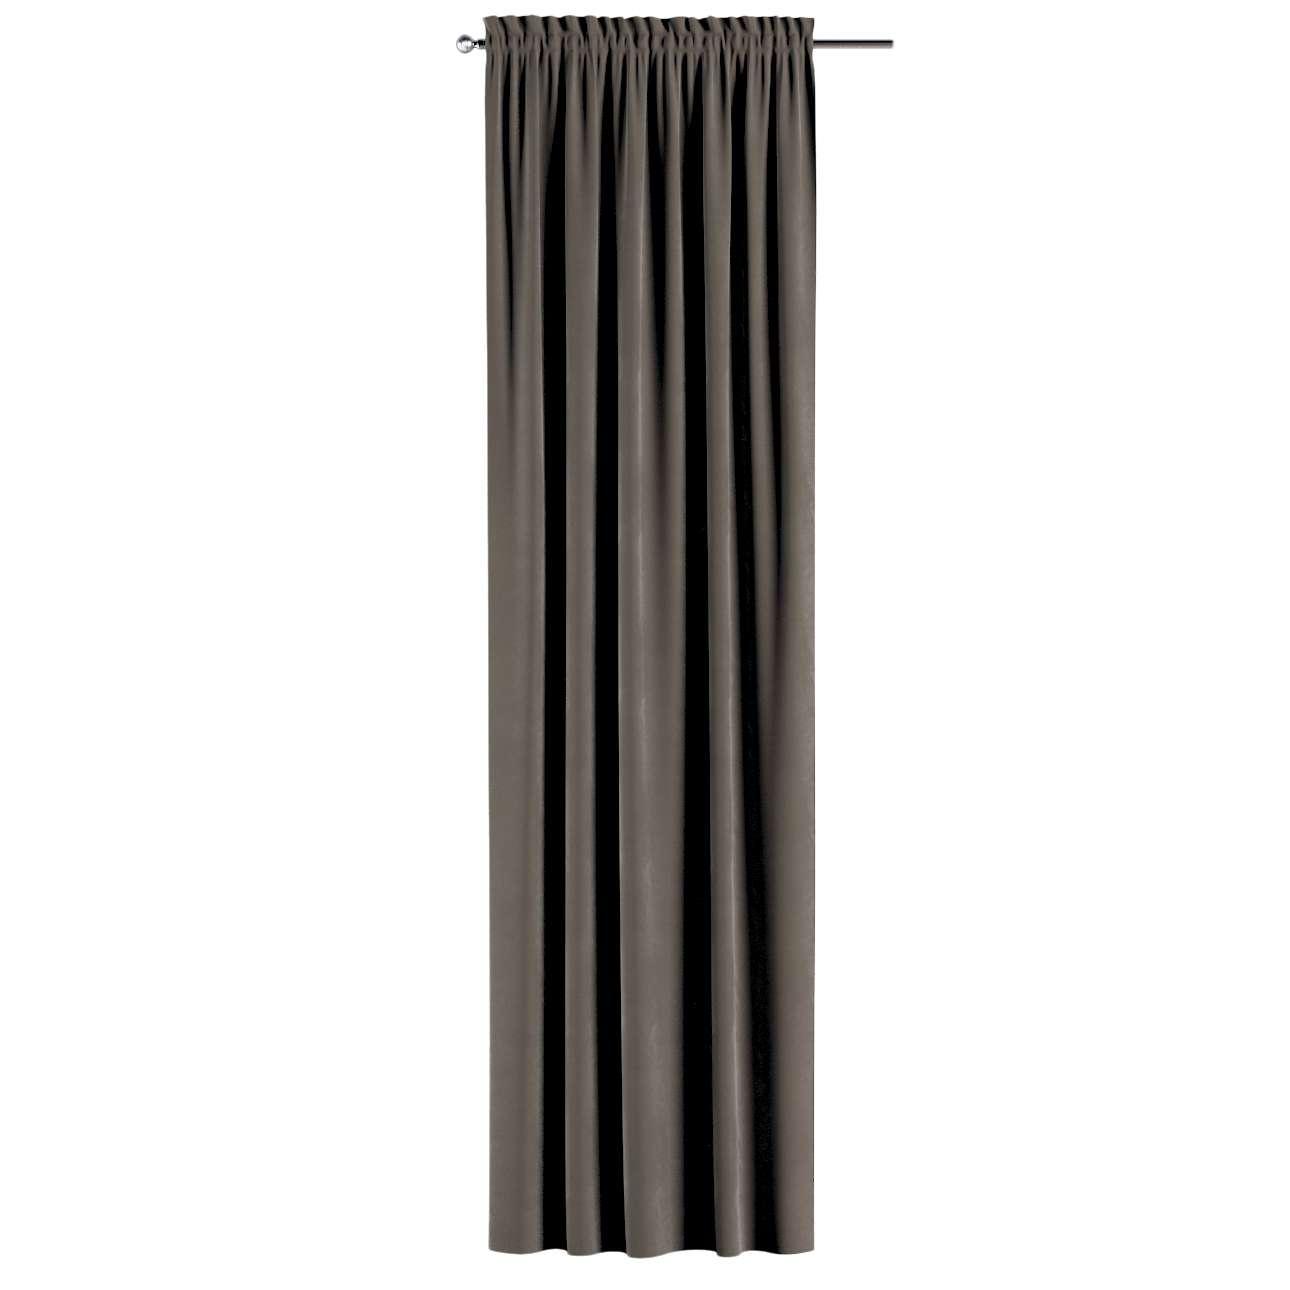 Gardin med løpegang - multibånd 1 stk. 130 × 260 cm fra kolleksjonen Velvet, Stoffets bredde: 704-19